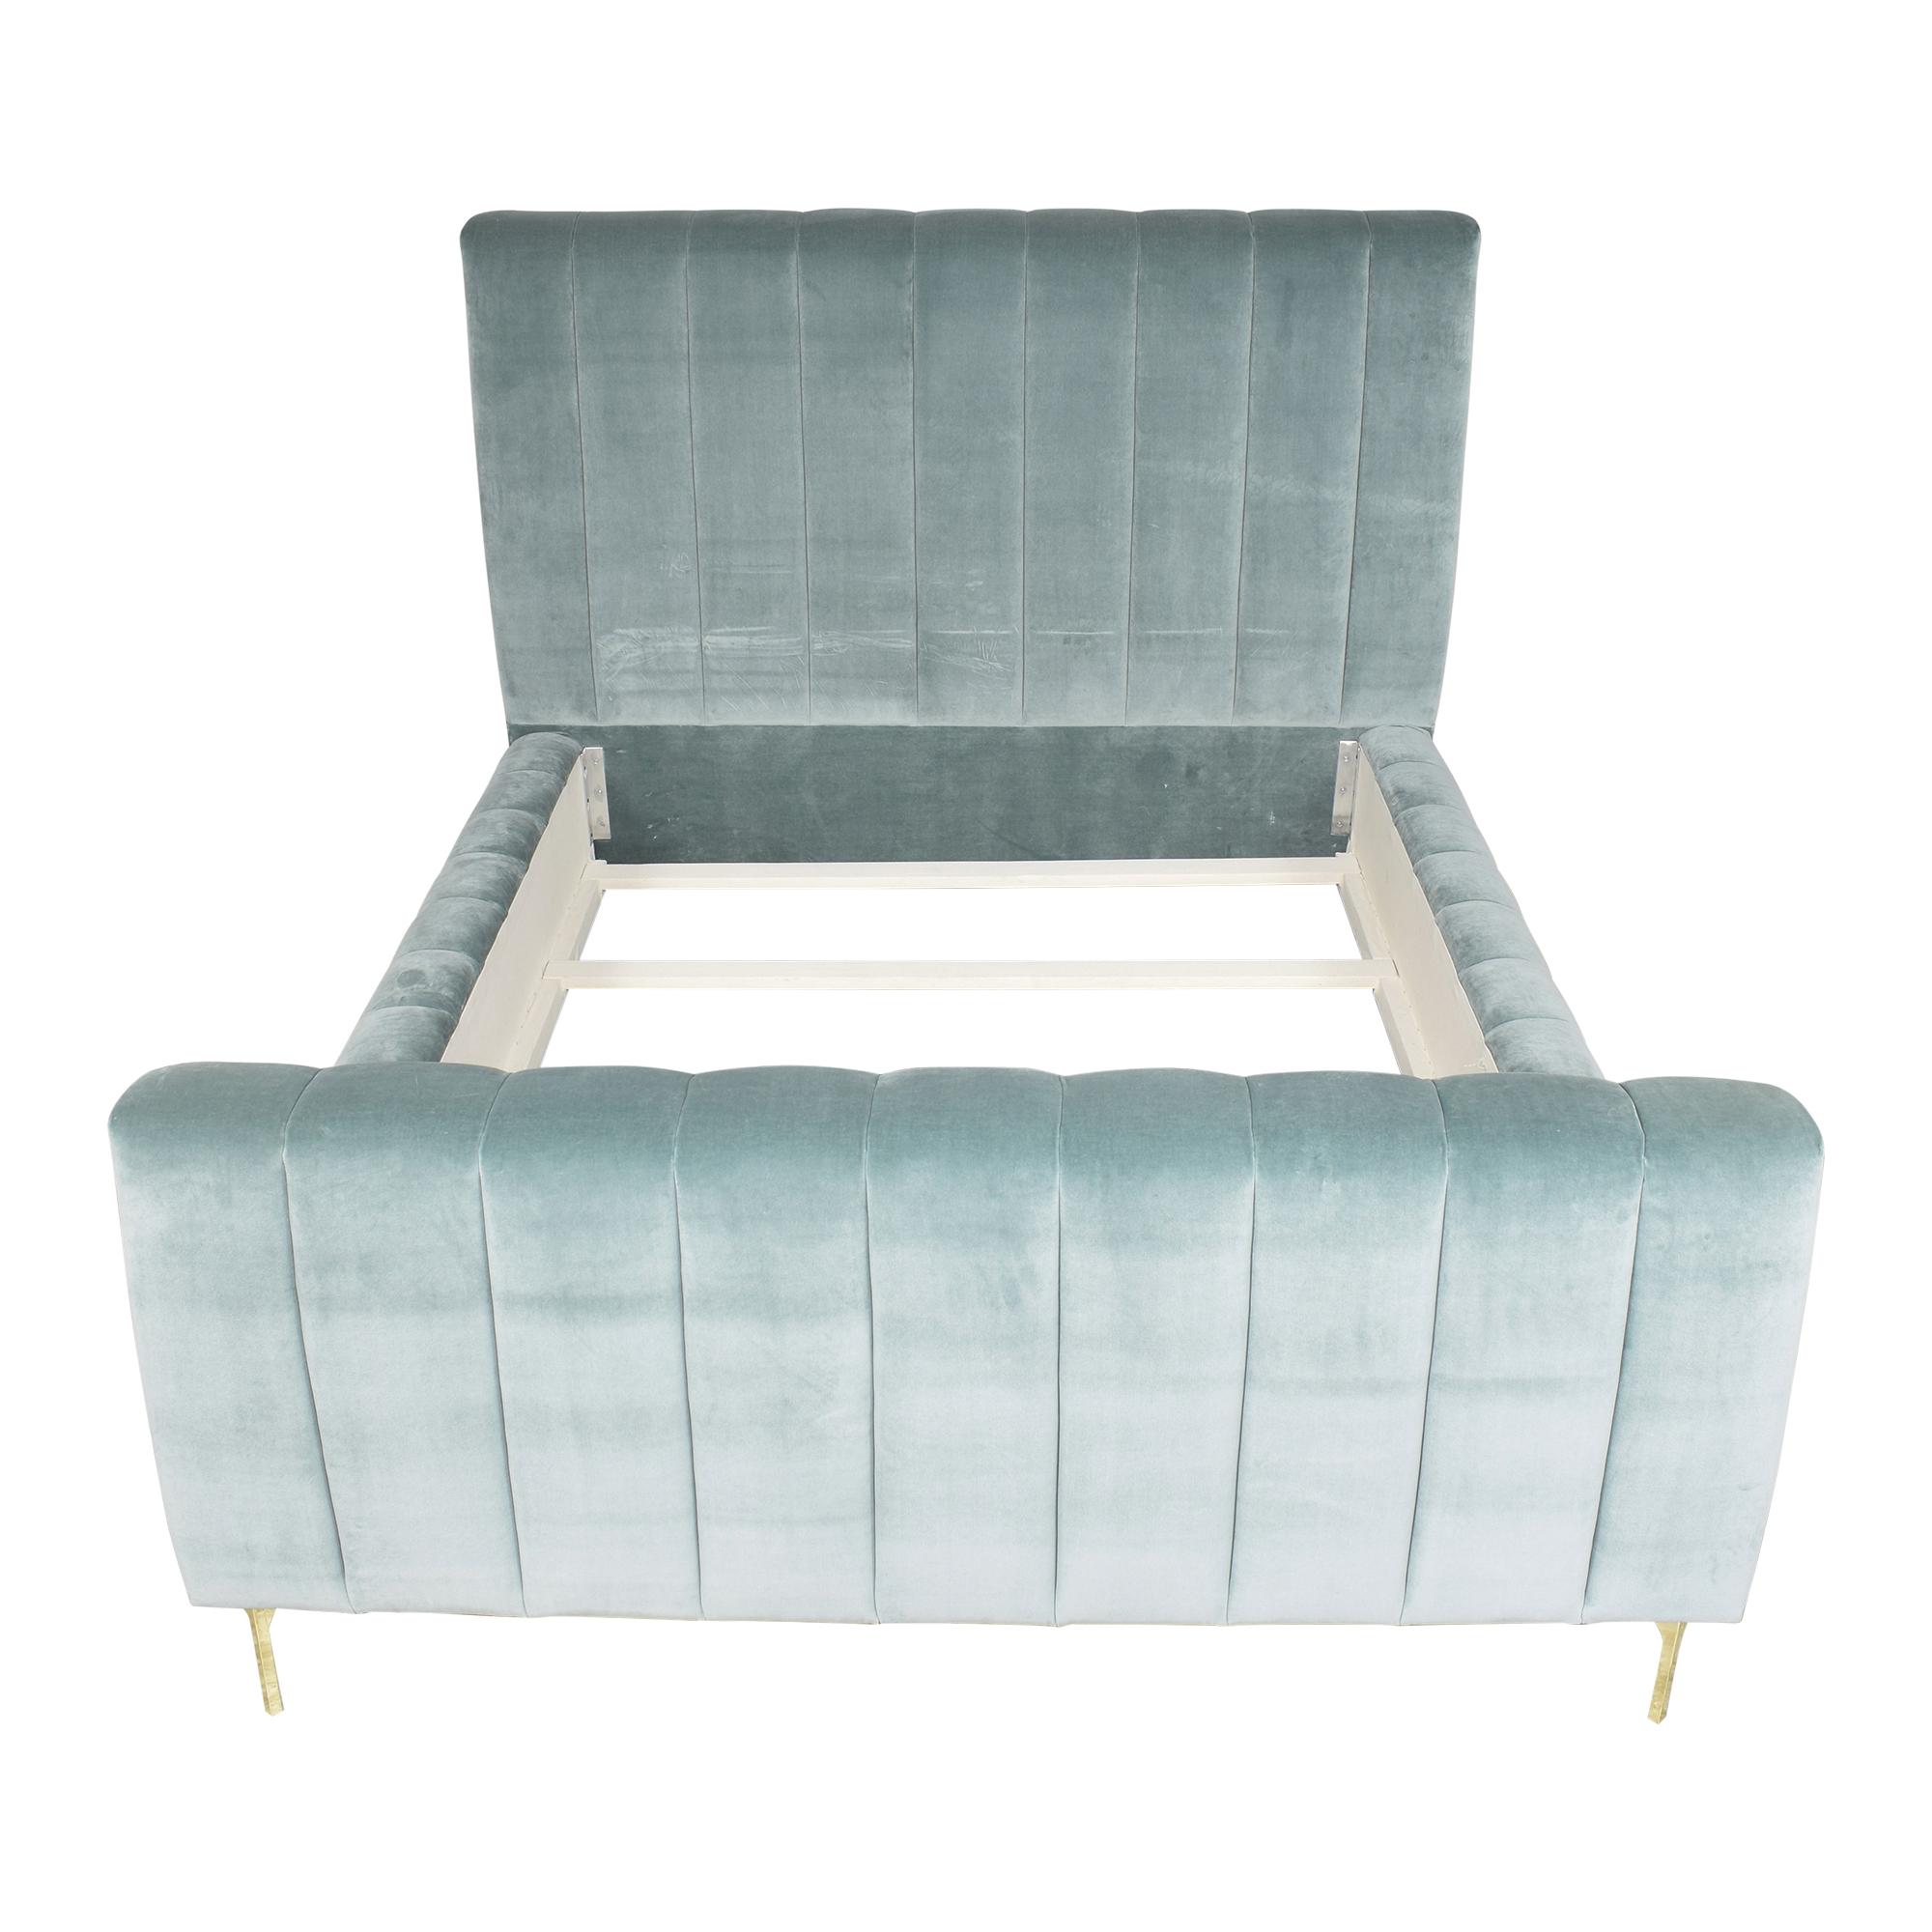 ModShop Shoreclub Queen Bed / Beds